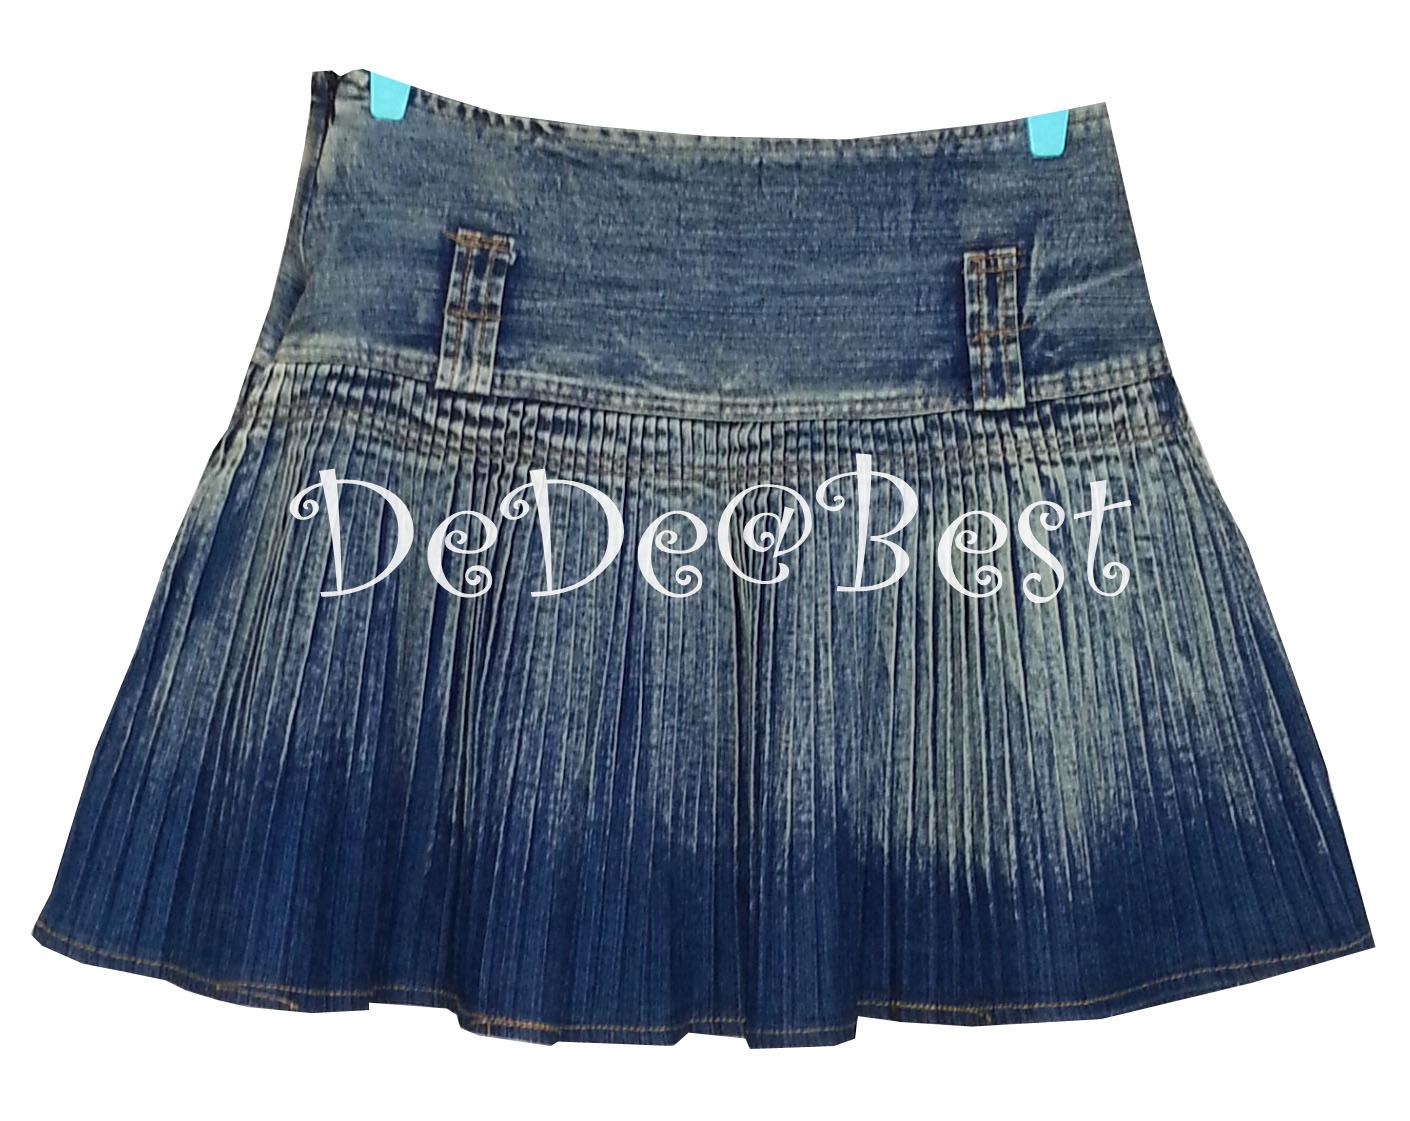 ขายแล้วค่ะ S5:2nd hand skirt กระโปรงยีนส์อัดพรีทเล็ก ๆ รอบตัว สวยน่ารักค่ะ&#x2764